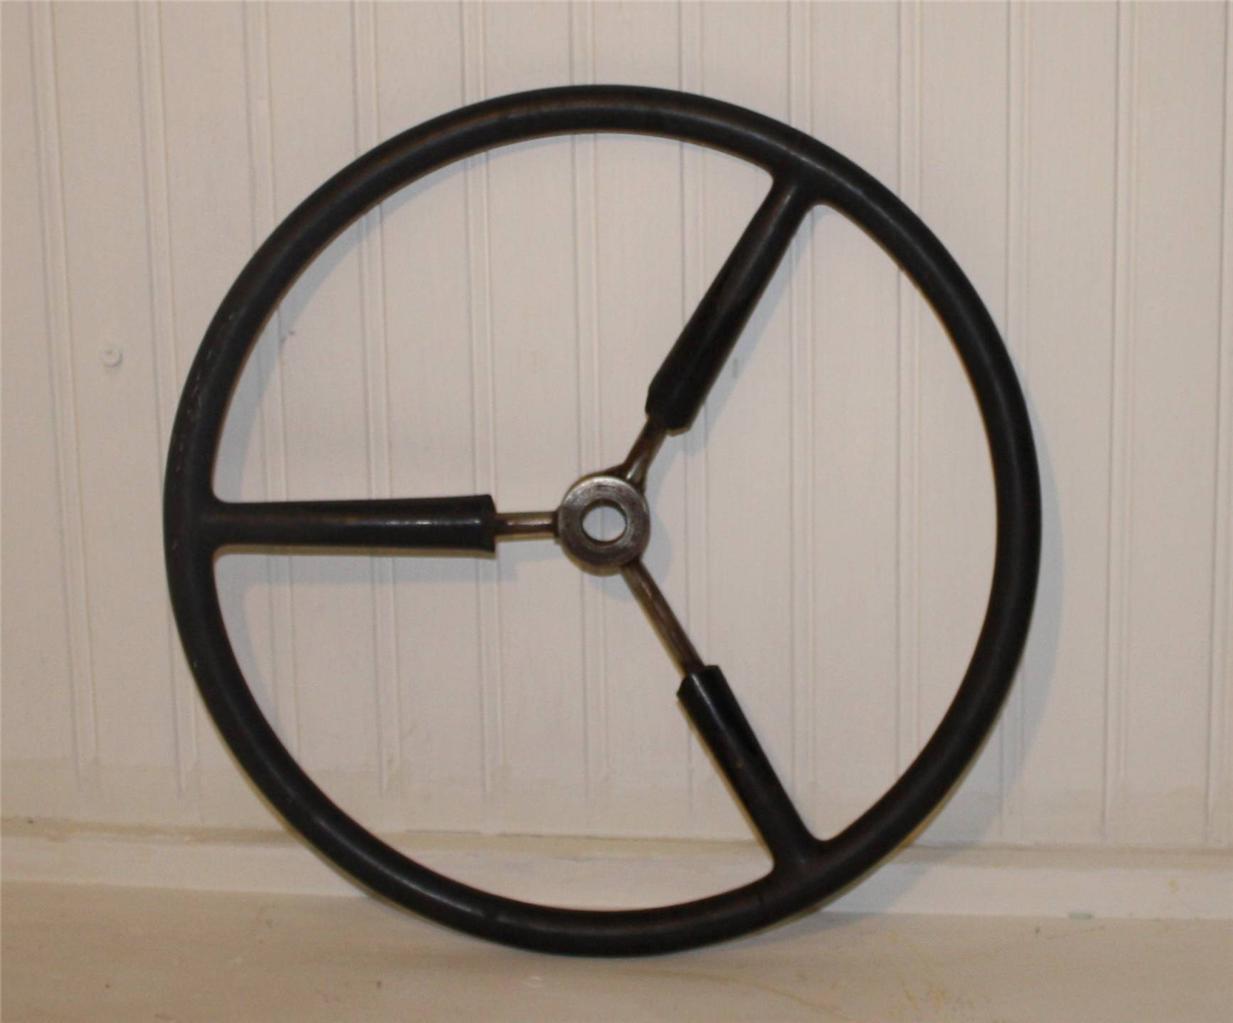 Garden Tractor Steering Wheel : Ih cub cadet lawn tractor steering wheel ebay